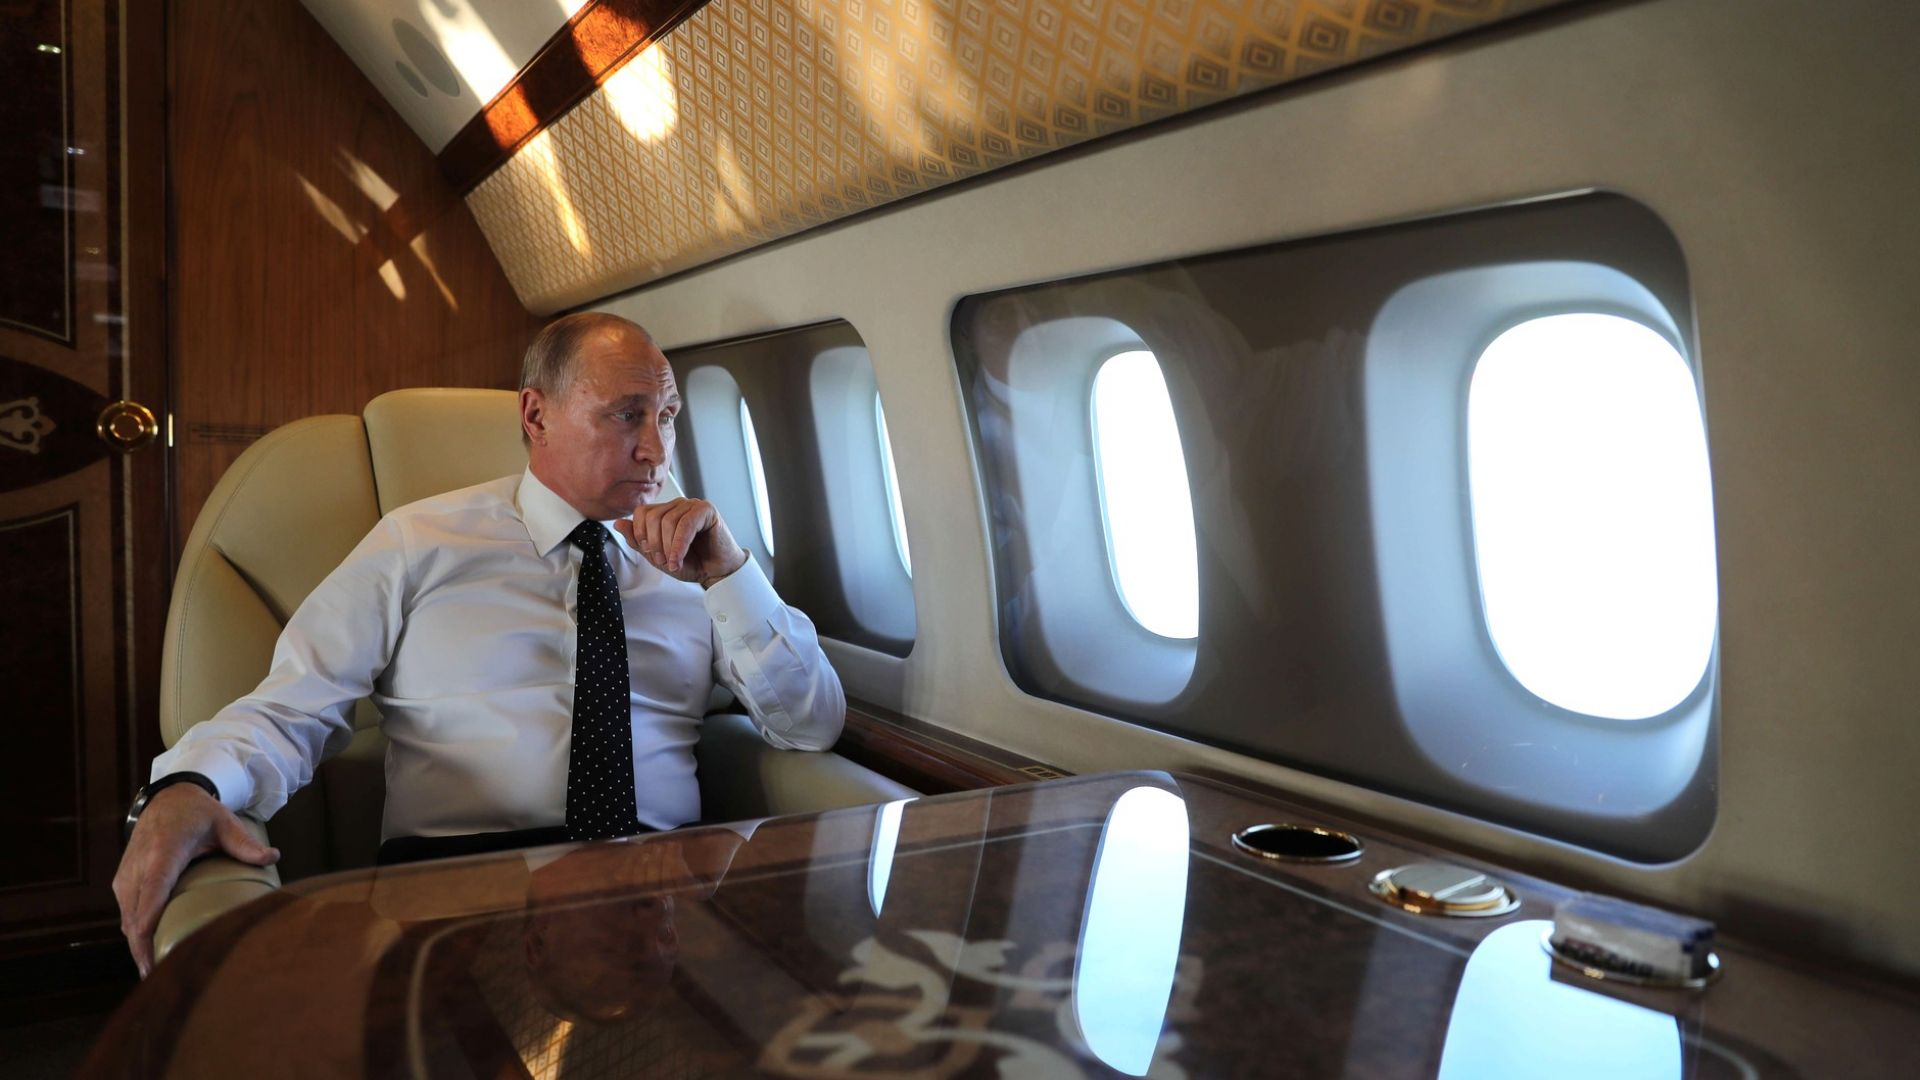 15-годишен ученик засне видеоклип от вътрешността на самолета на руския